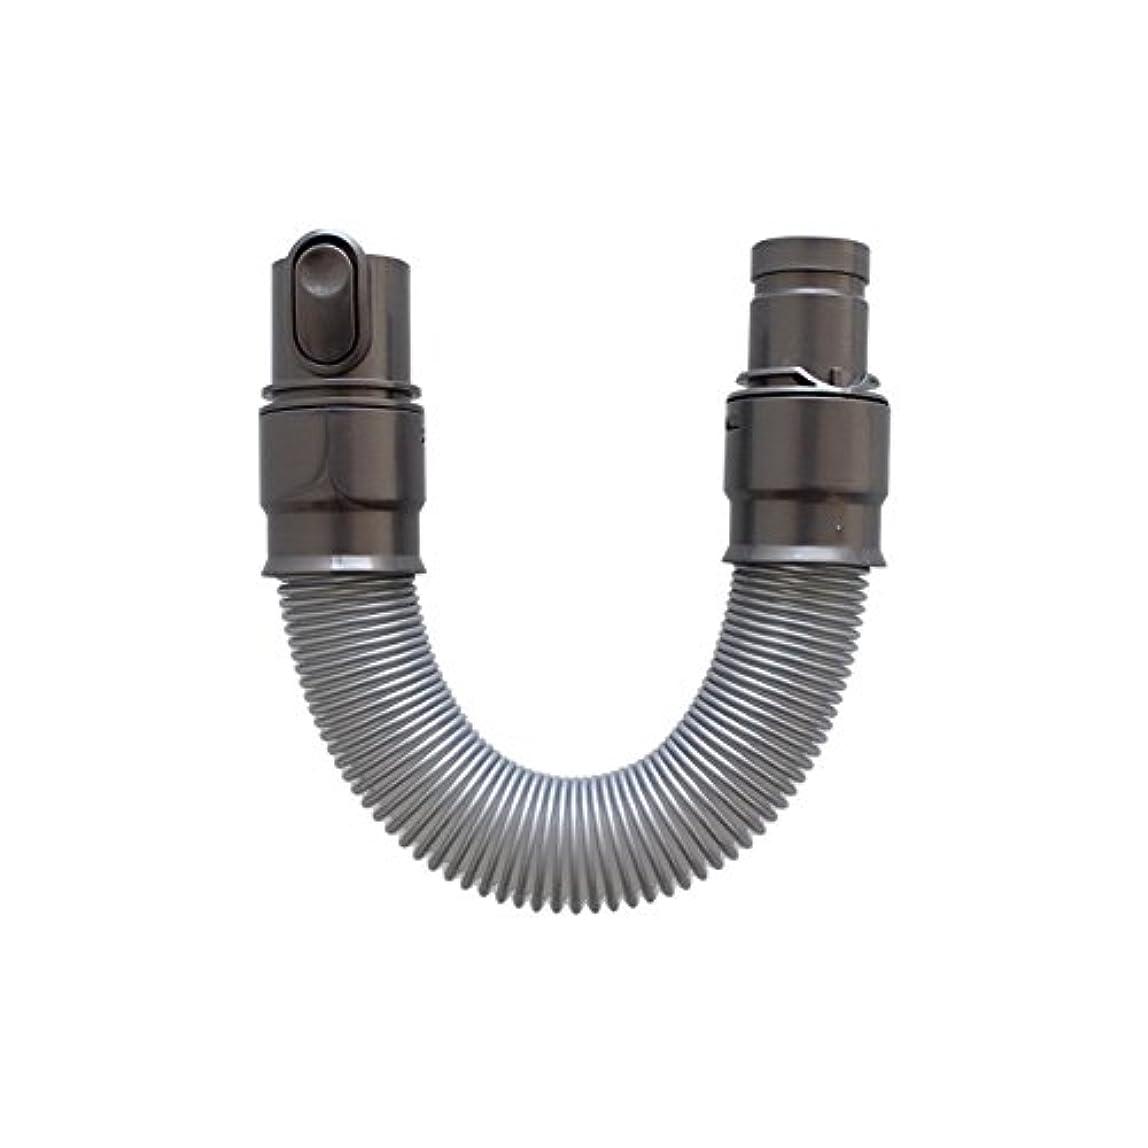 よく話される征服黙認するHzjundasi 掃除機ホース 伸縮式 最長110CM 掃除機アクセサリ 交換用 拡張性 ストレッチ for Dyson DC34/DC35/DC44/DC58/V6